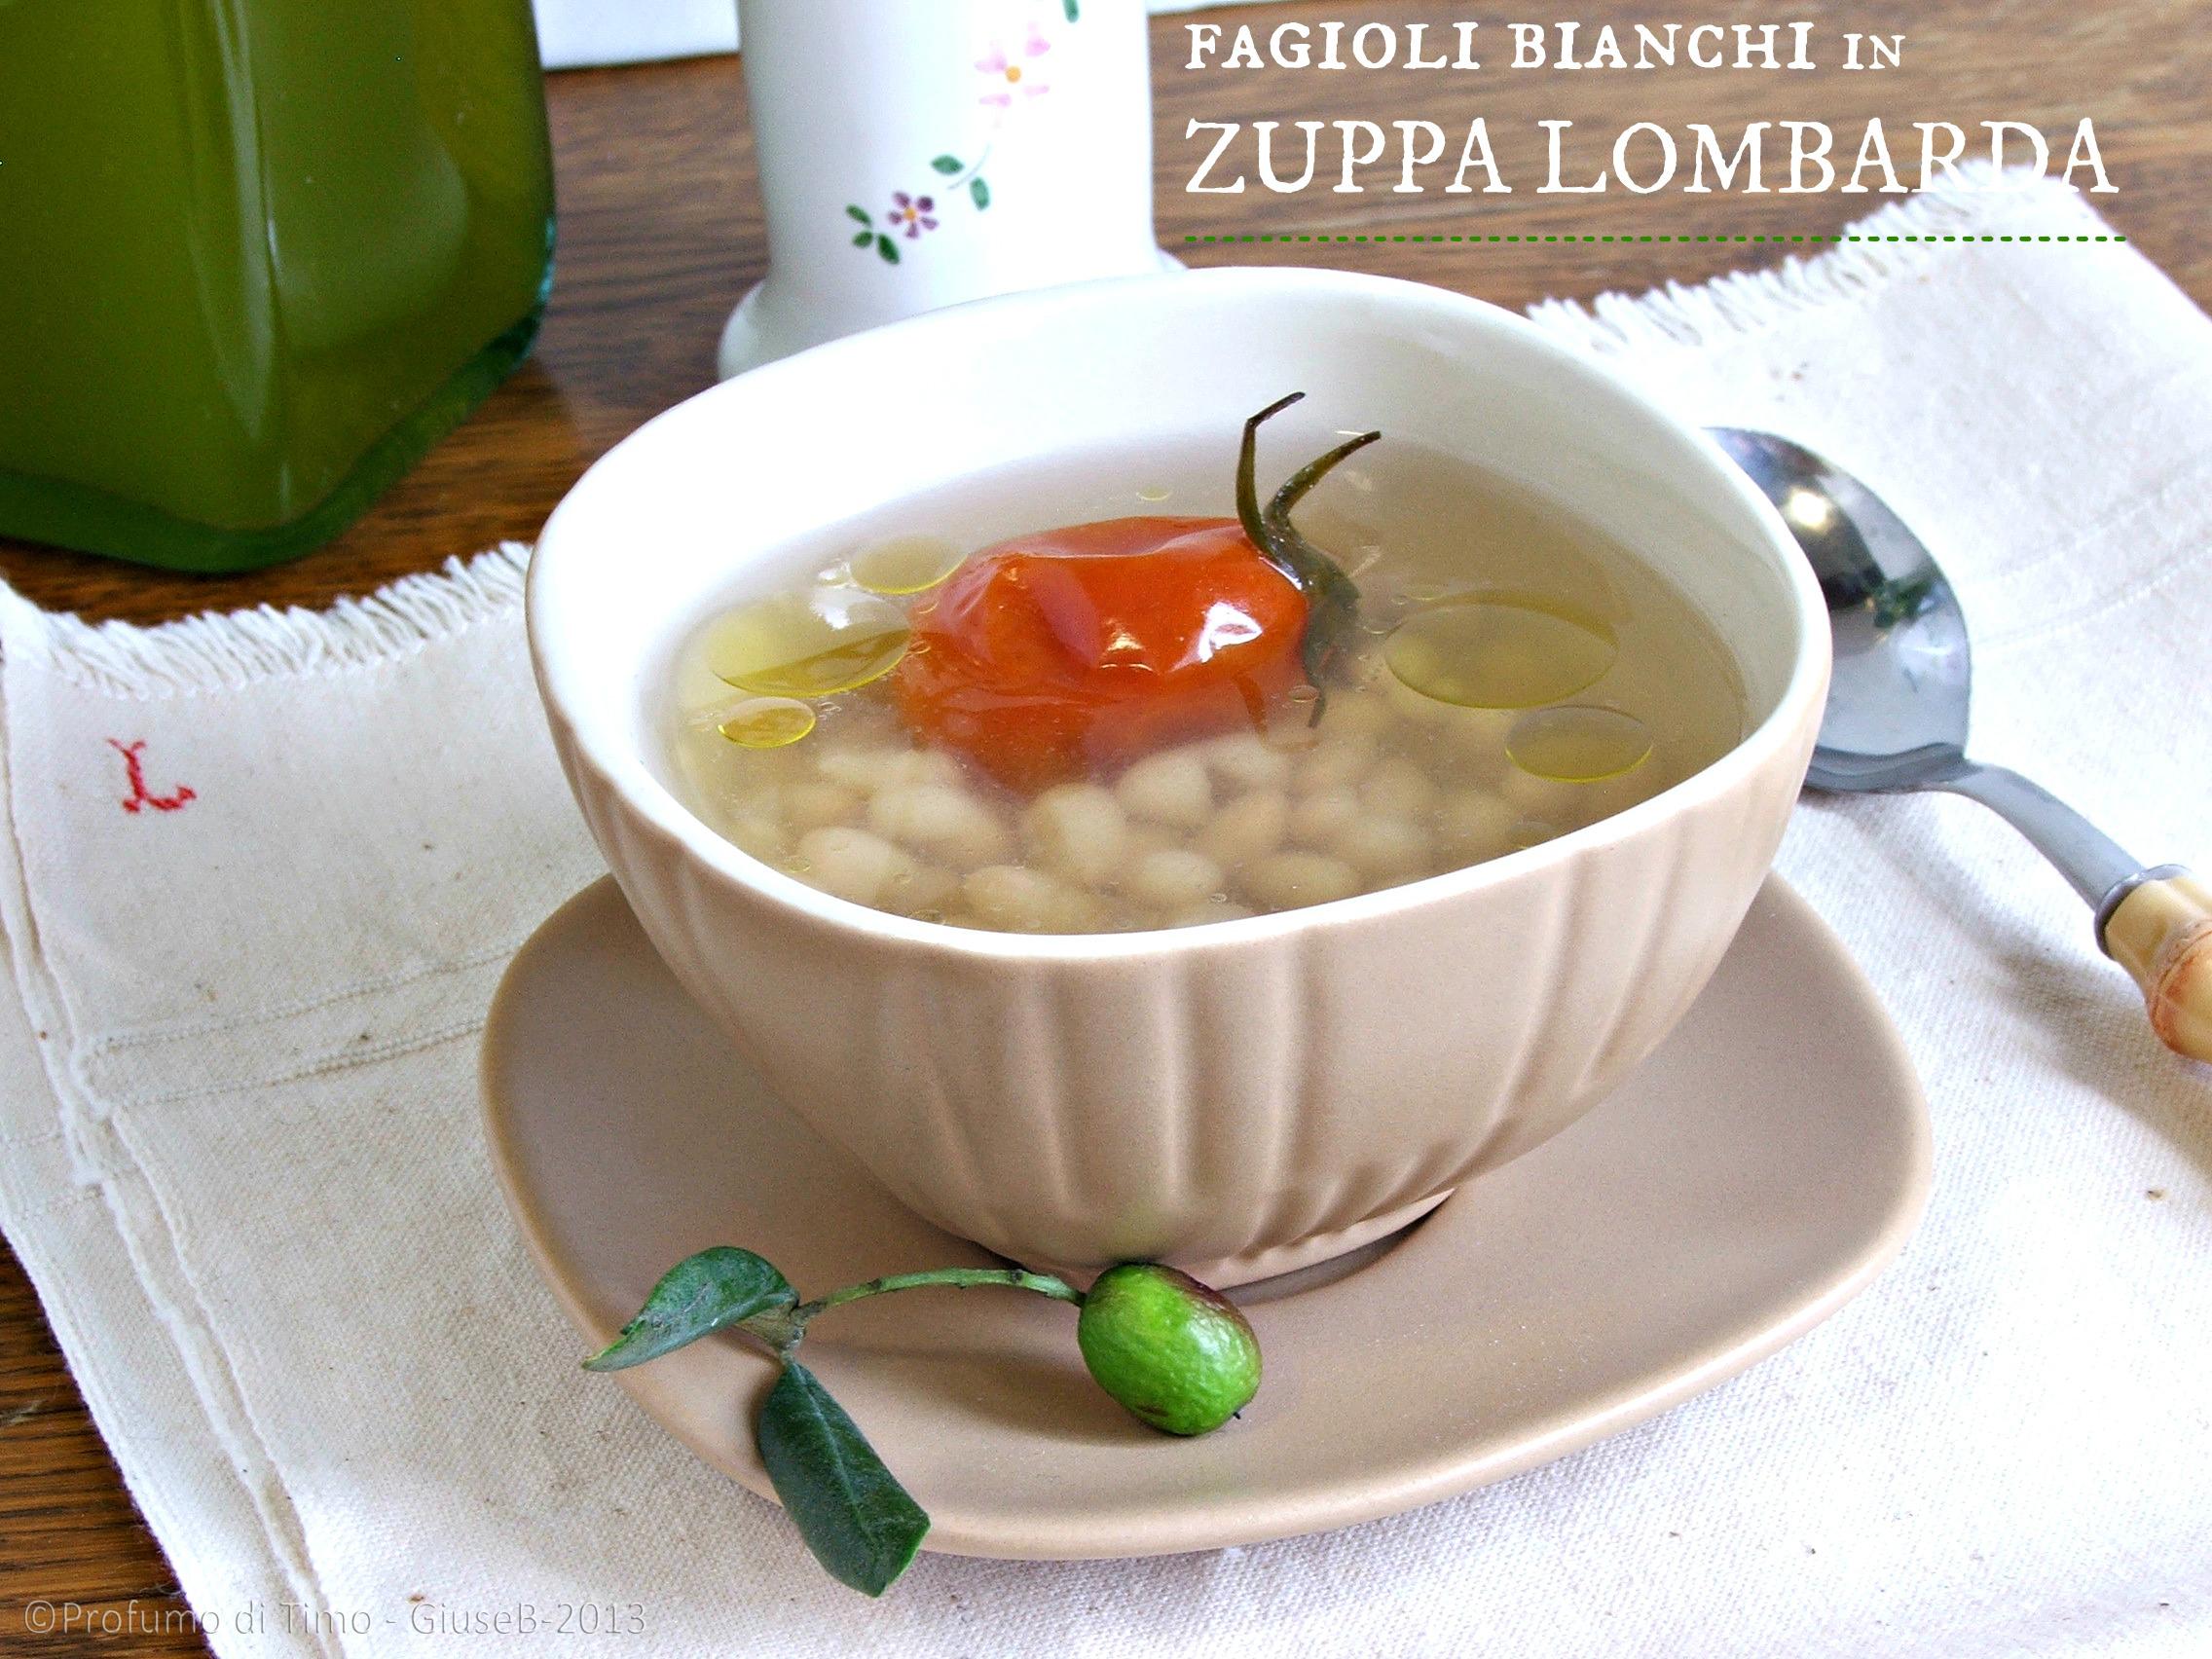 fagioli in zuppa lombarda